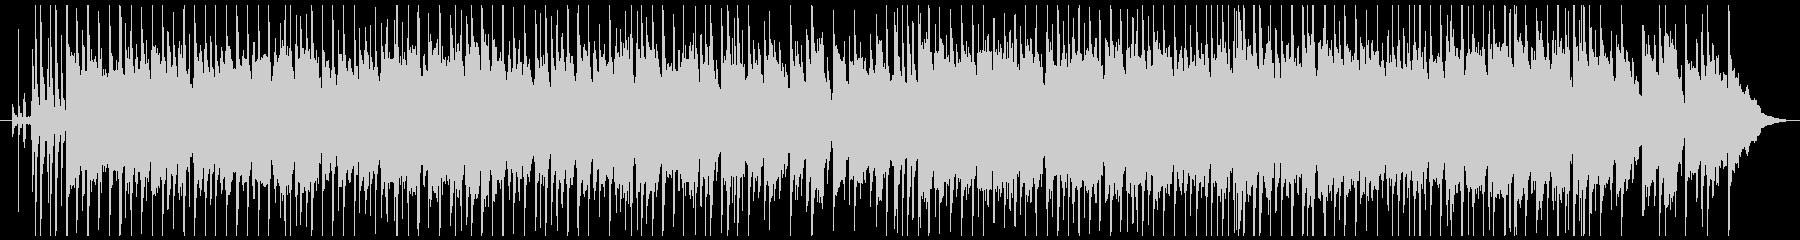 この曲は1970年代初期のソフトロ...の未再生の波形